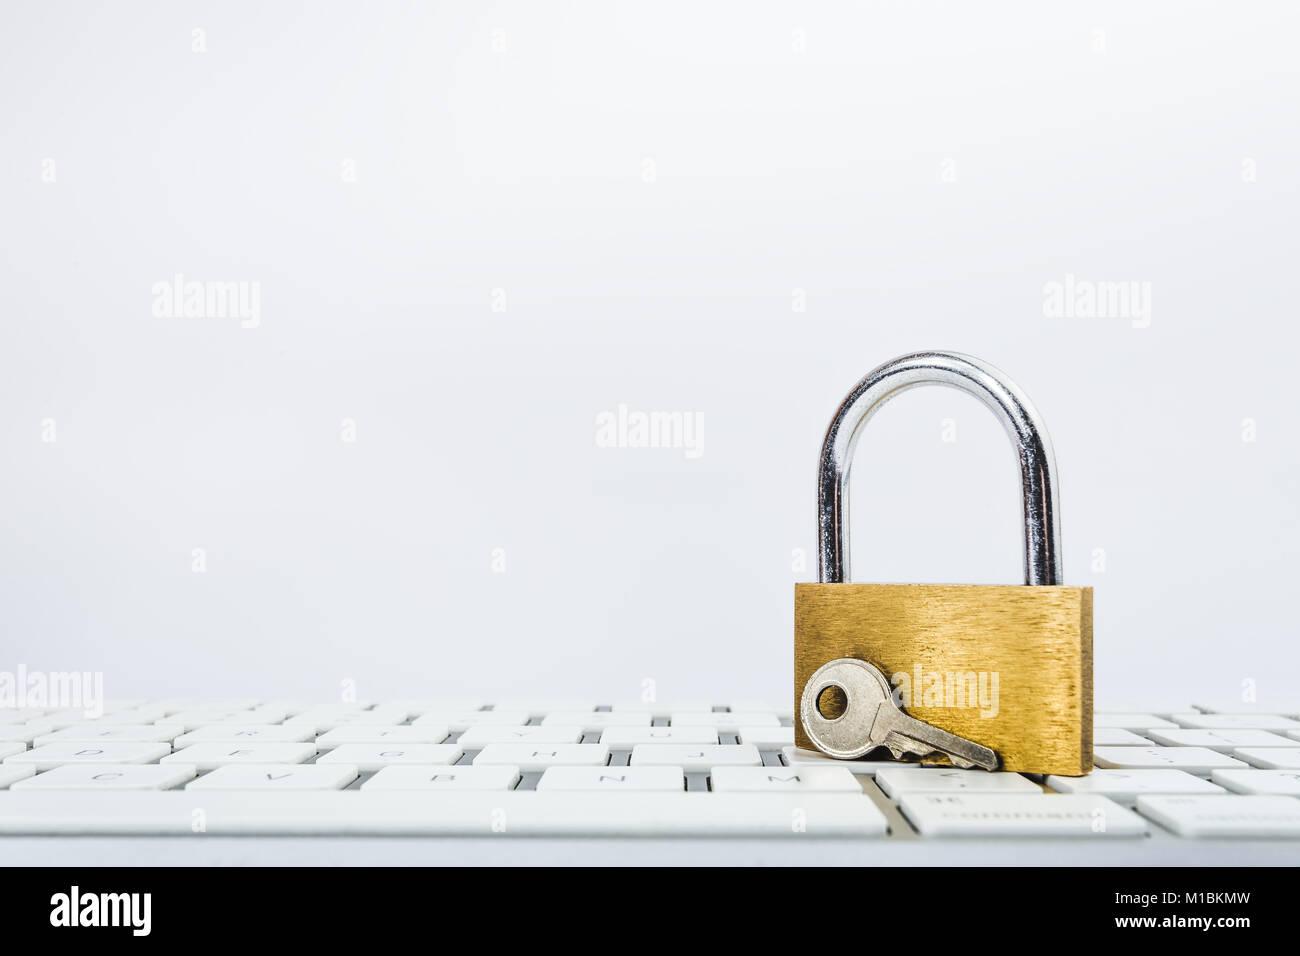 Security Alarm Lock Bike